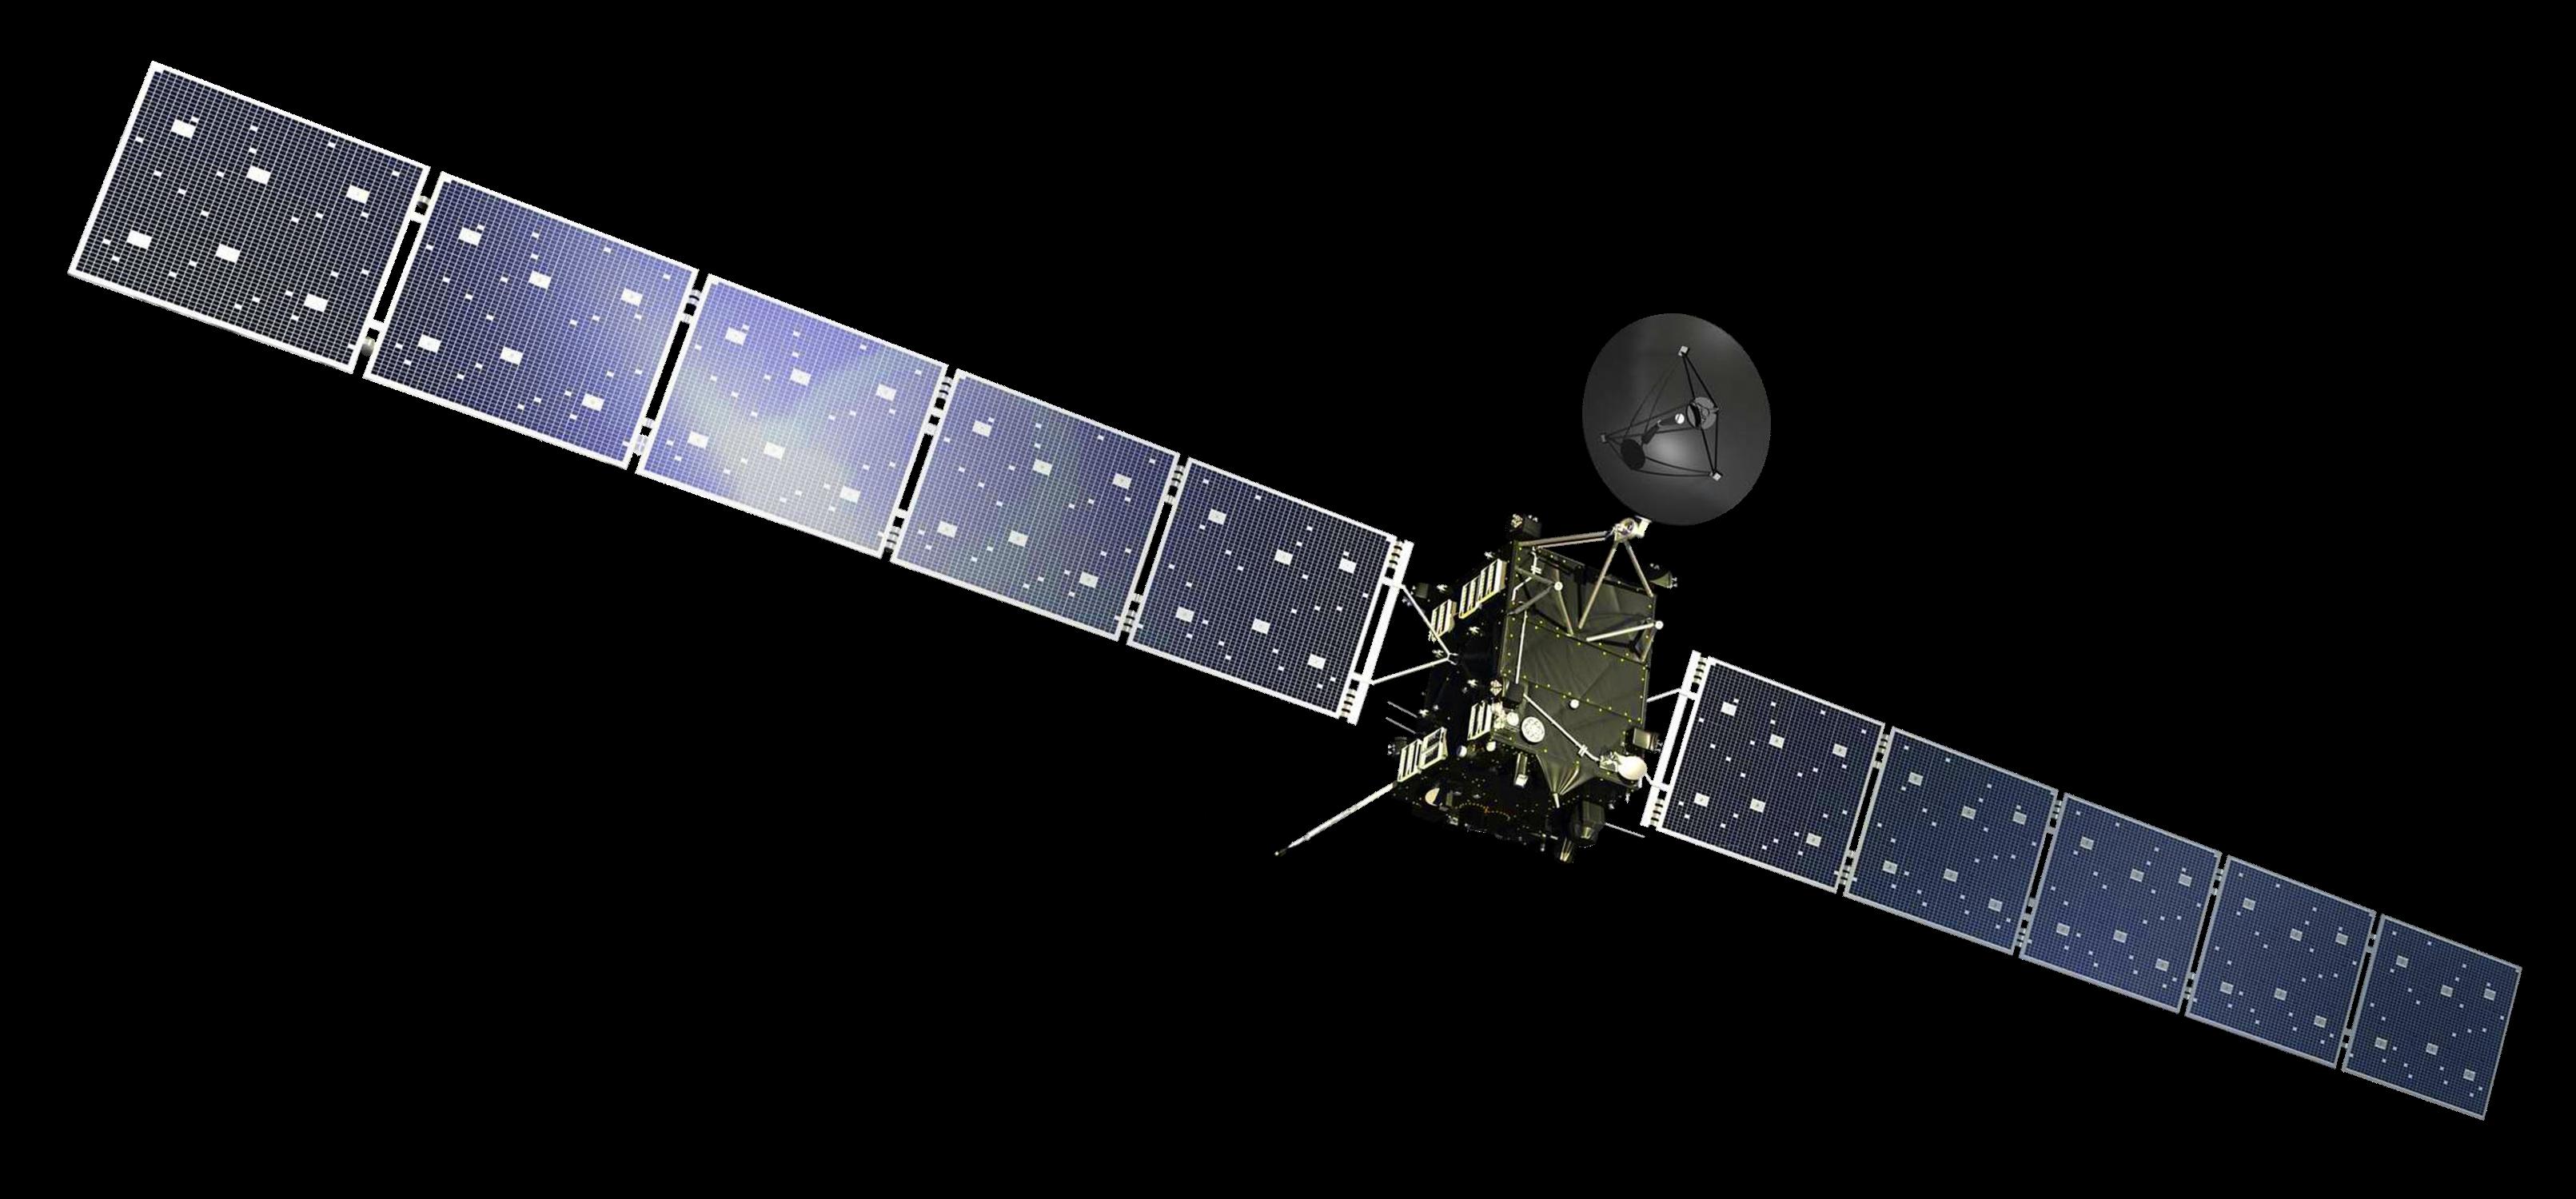 File:Rosetta spacecraft model.png.